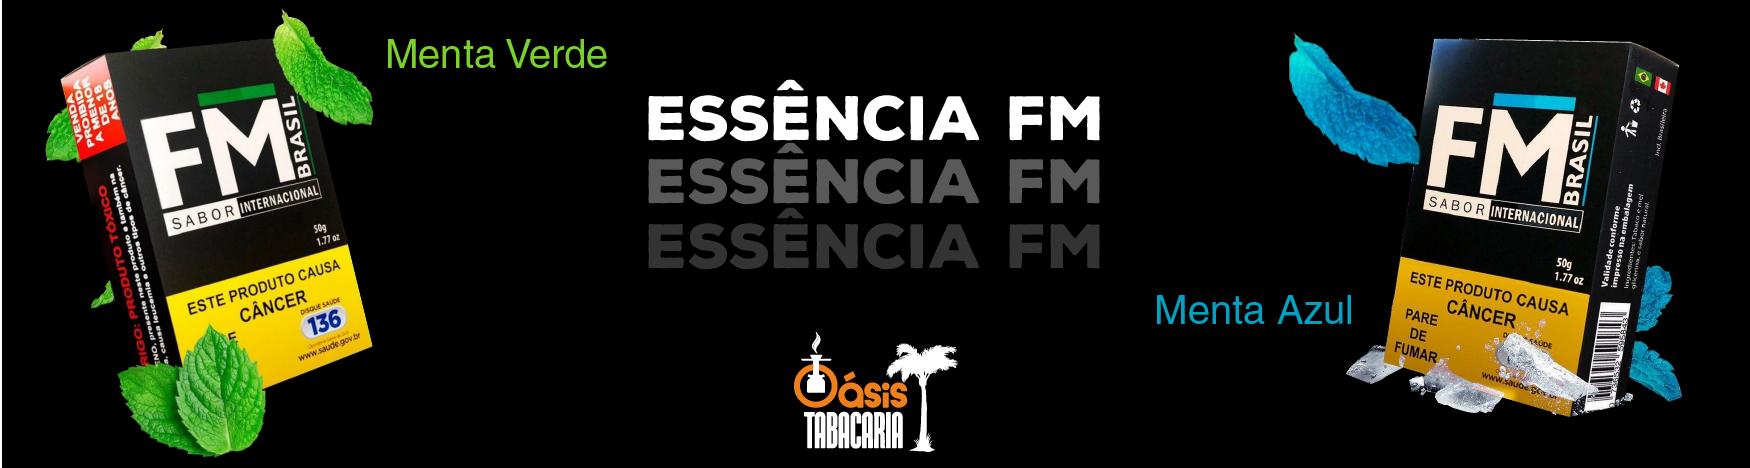 Essência FM